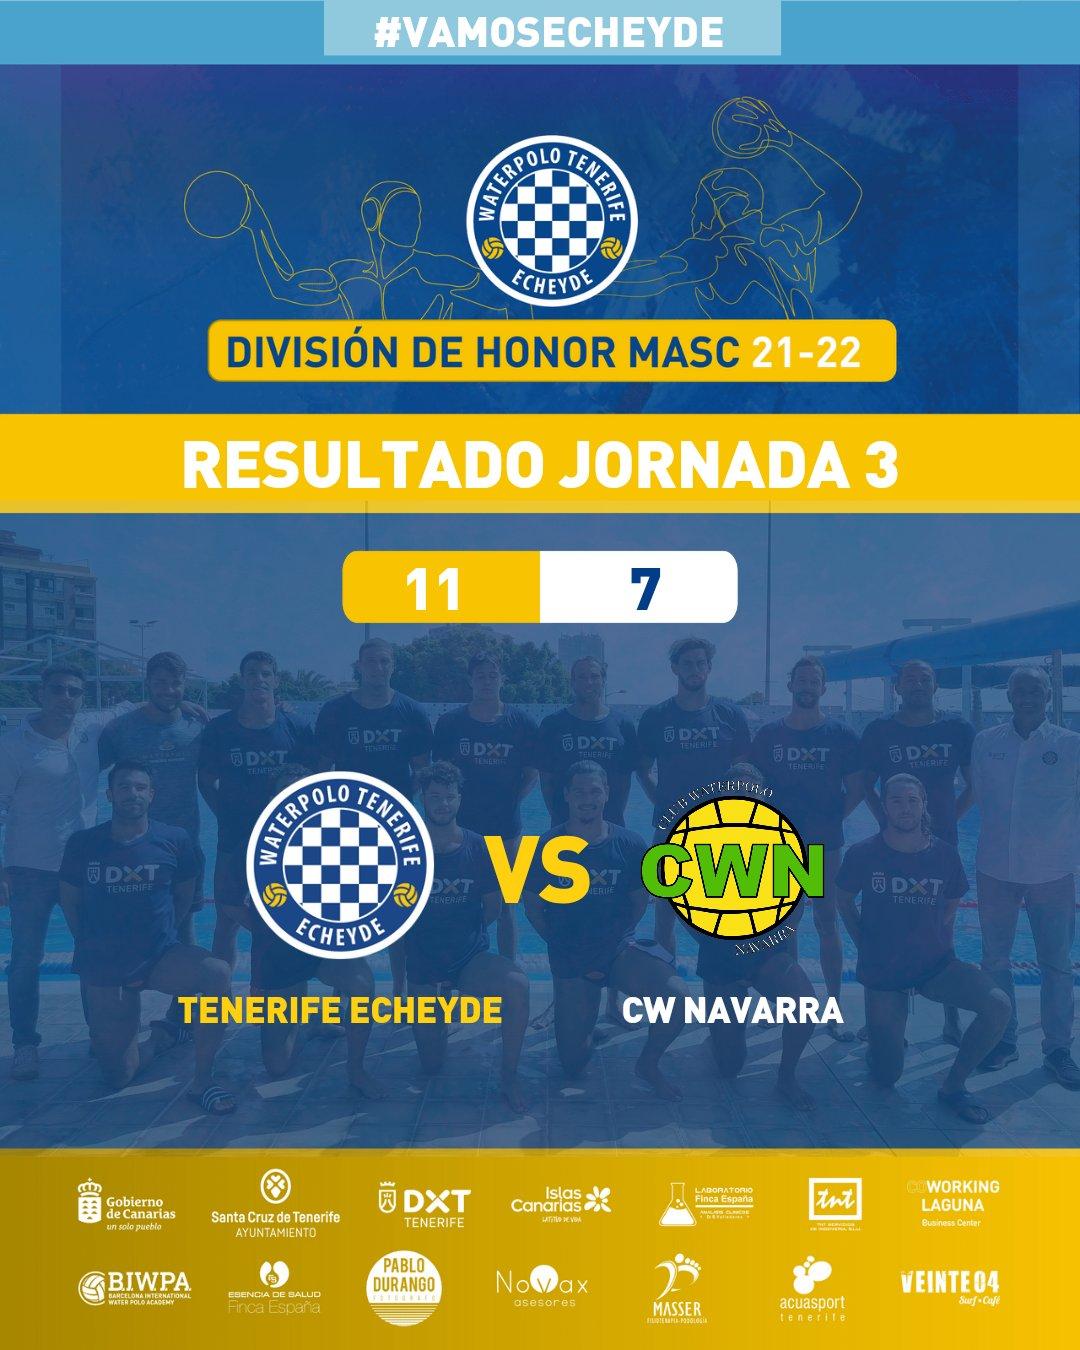 El Tenerife Echeyde logra su segunda victoria consecutiva